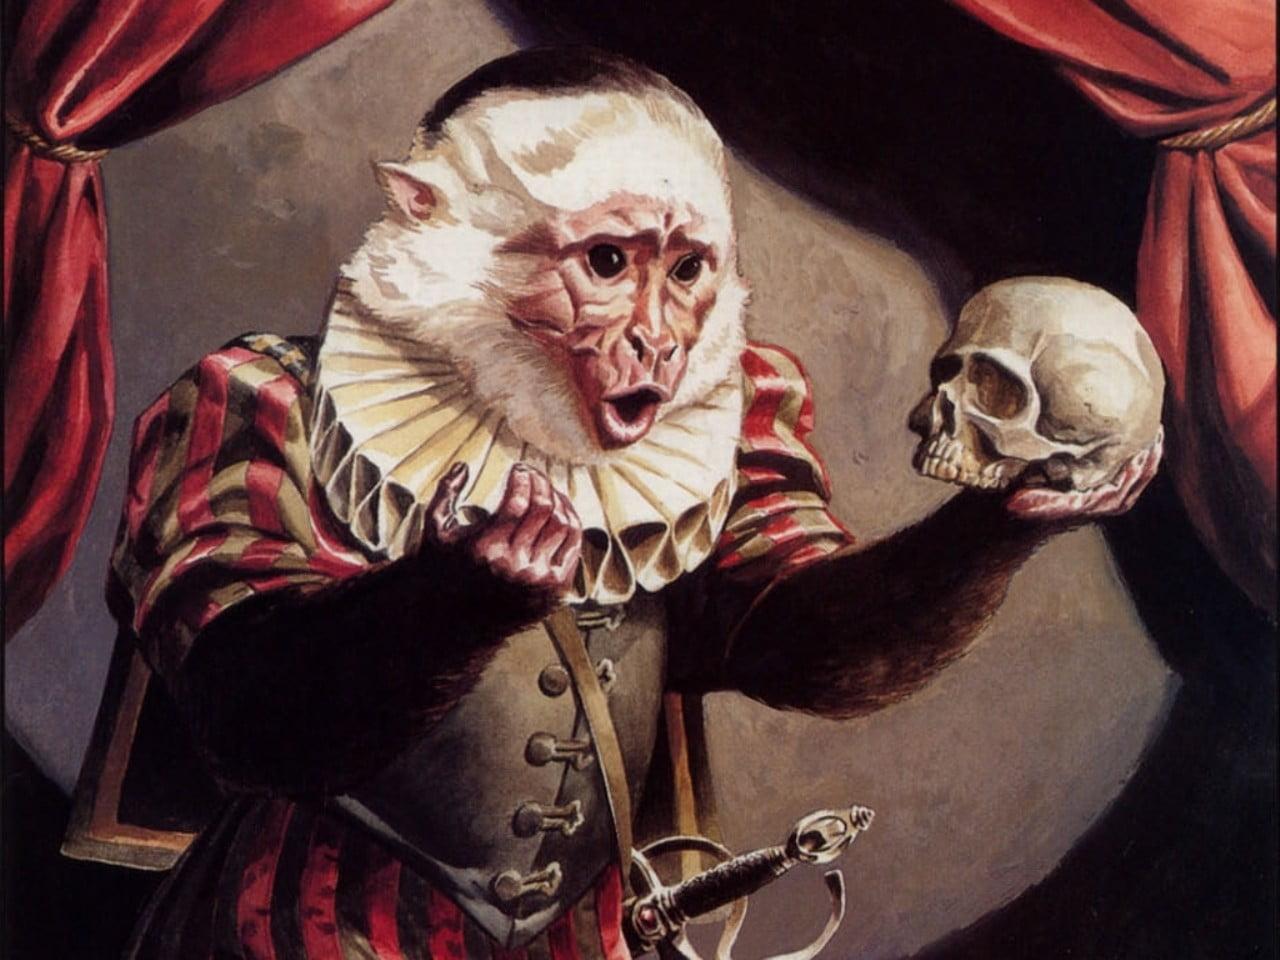 monkey-hamlet-skull-holding-wallpaper